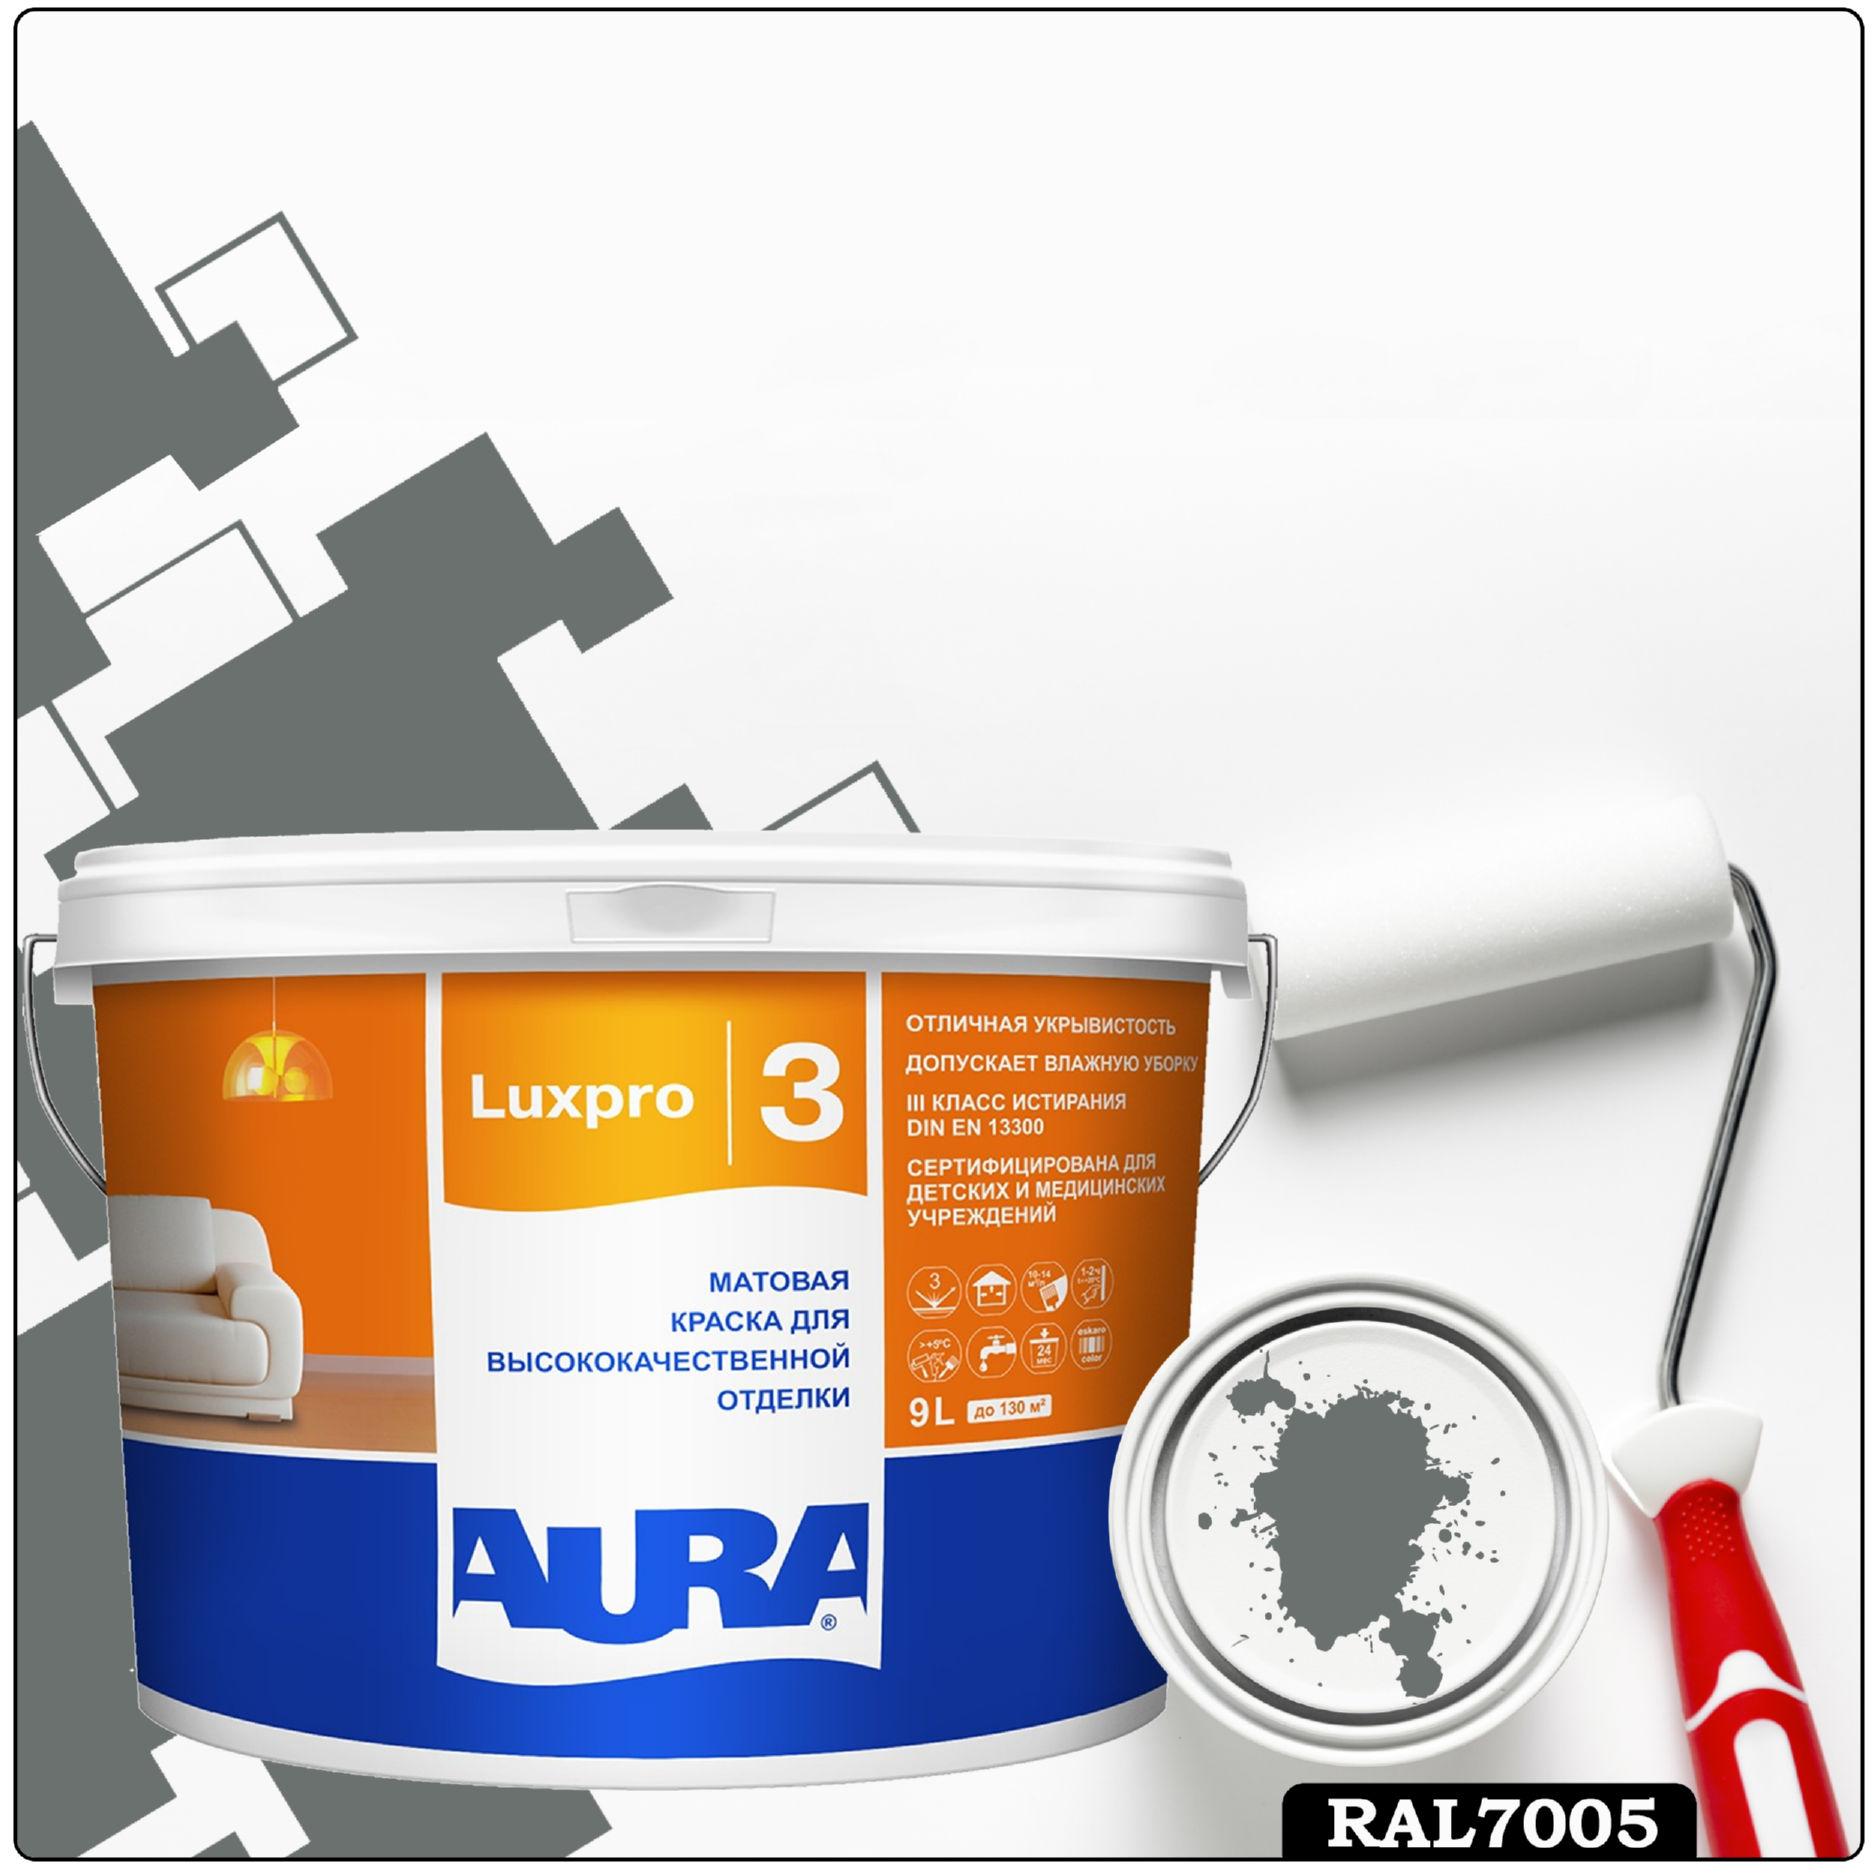 Фото 6 - Краска Aura LuxPRO 3, RAL 7005 Мышино-серый, латексная, шелково-матовая, интерьерная, 9л, Аура.